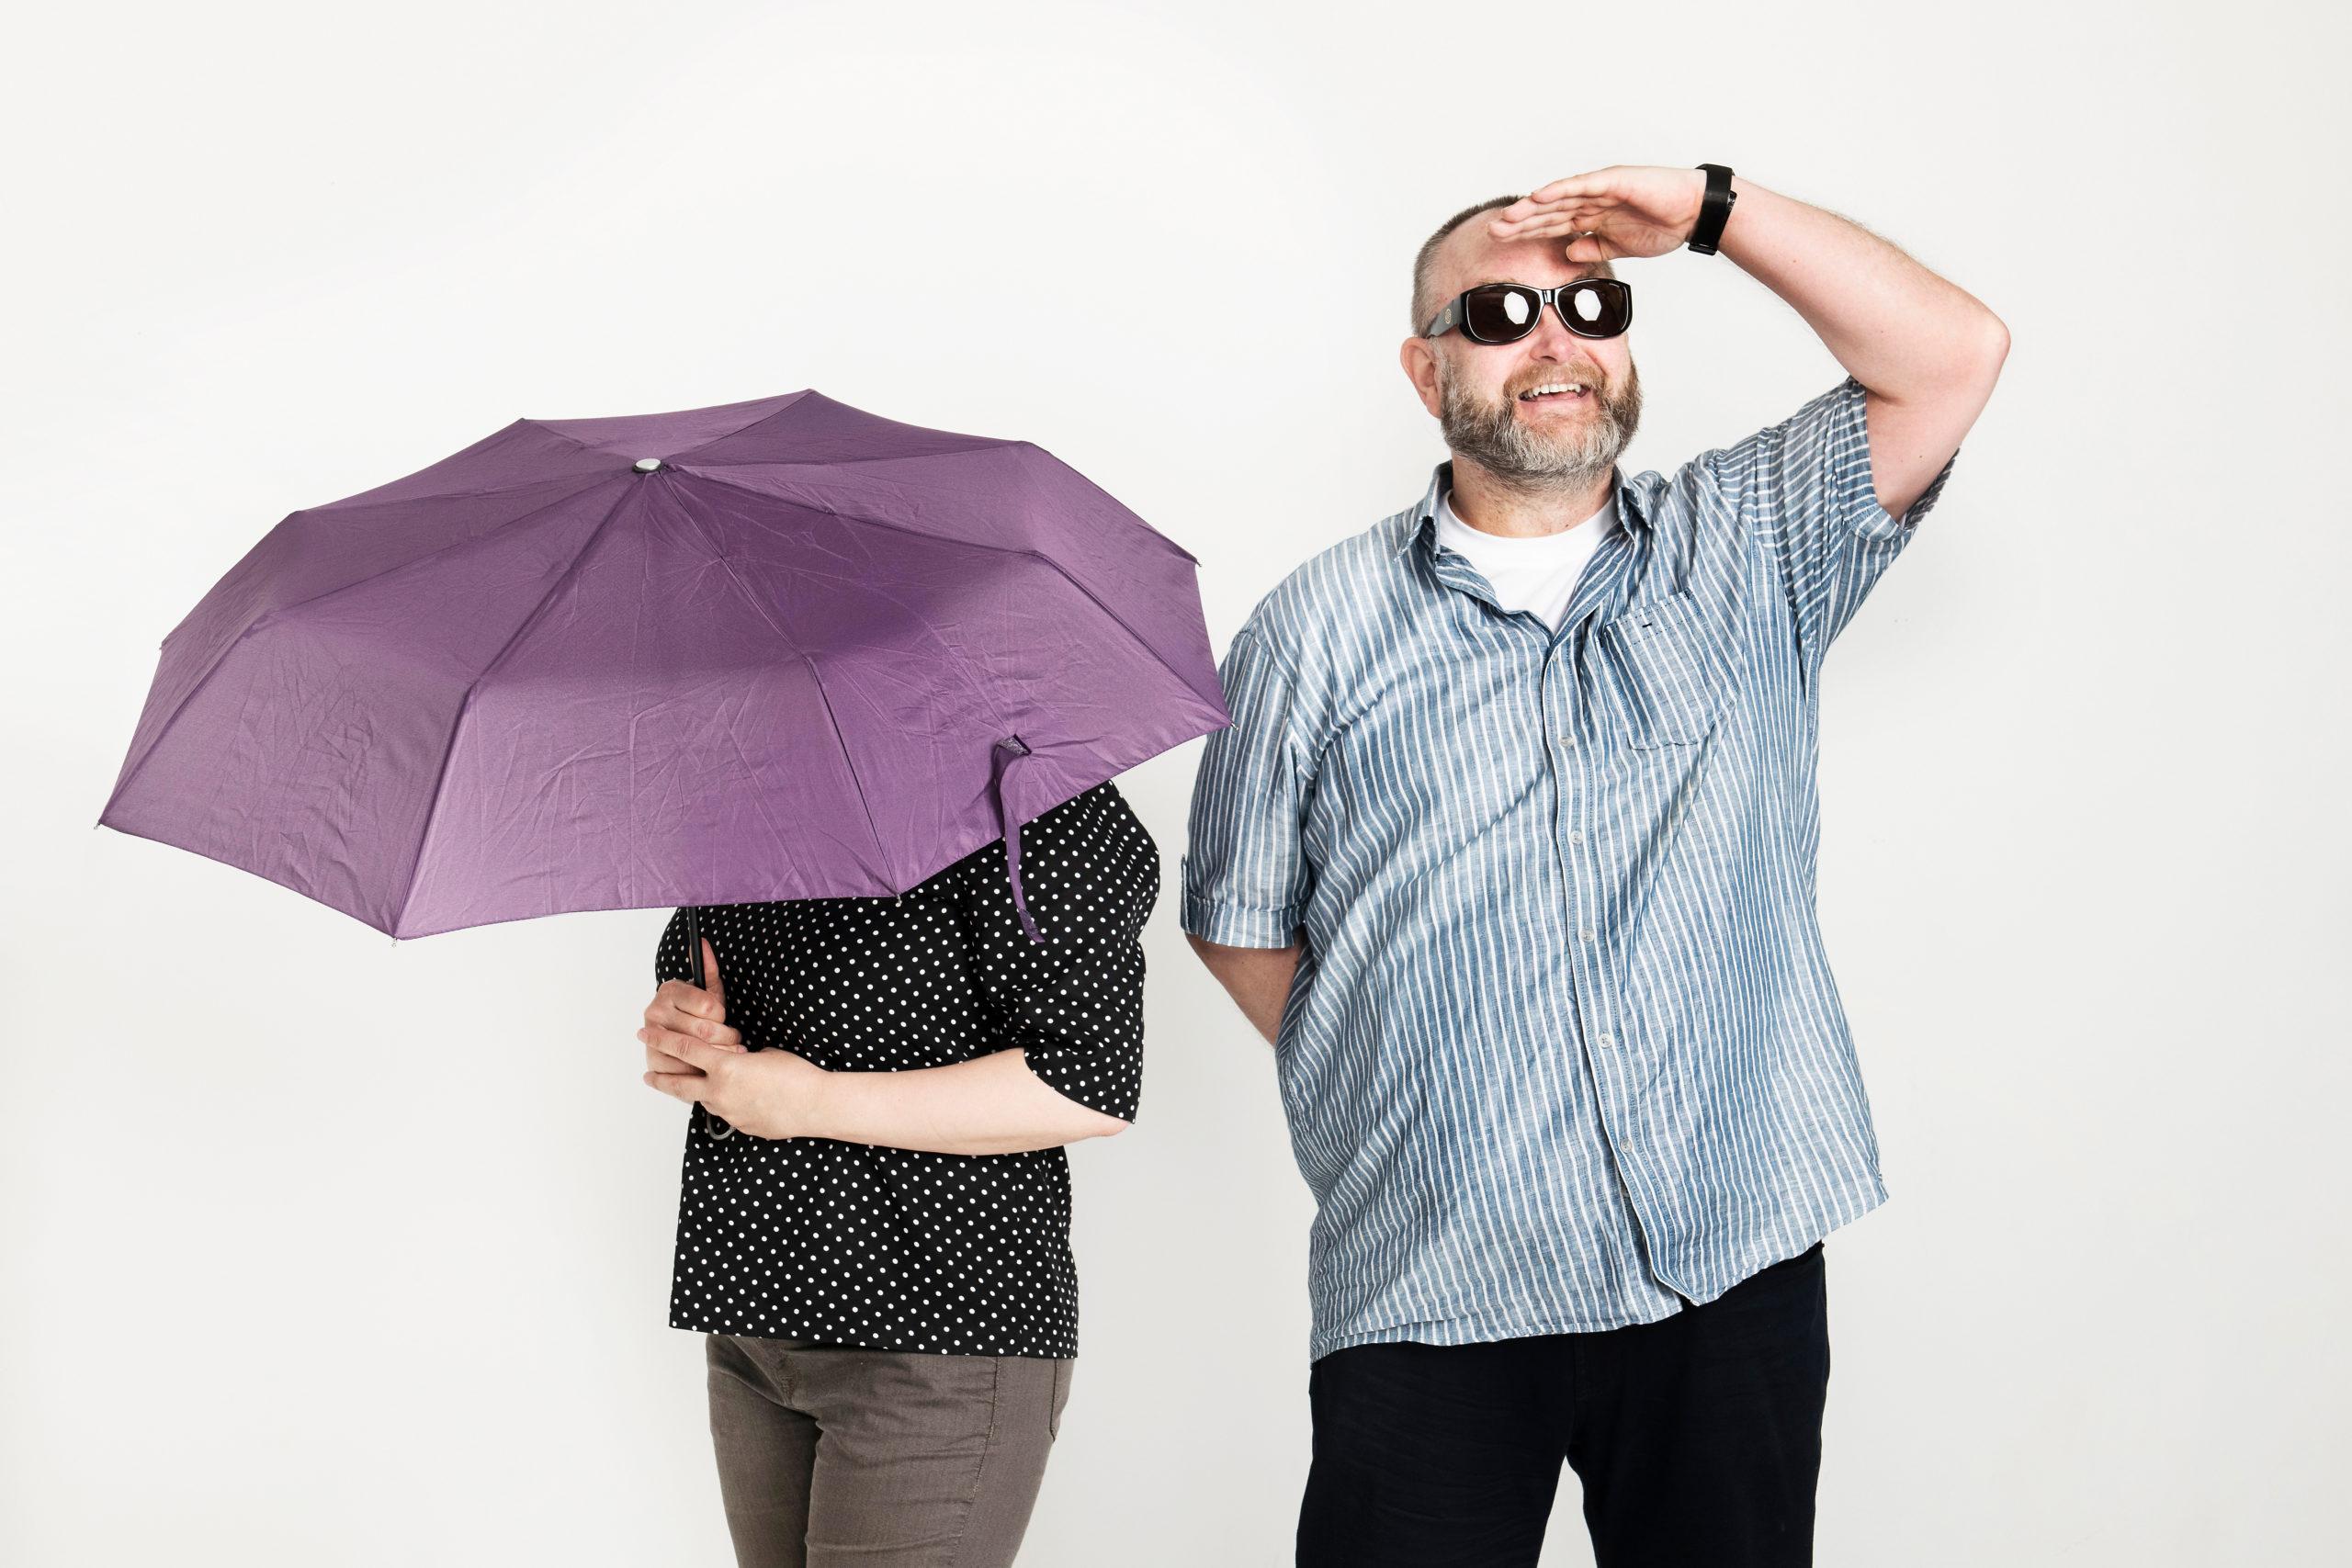 Kaksi henkilöä, toinen piiloutunut sateenvarjon alle, toinen hymyilee ja tähyilee aurinkolasit silmillä.